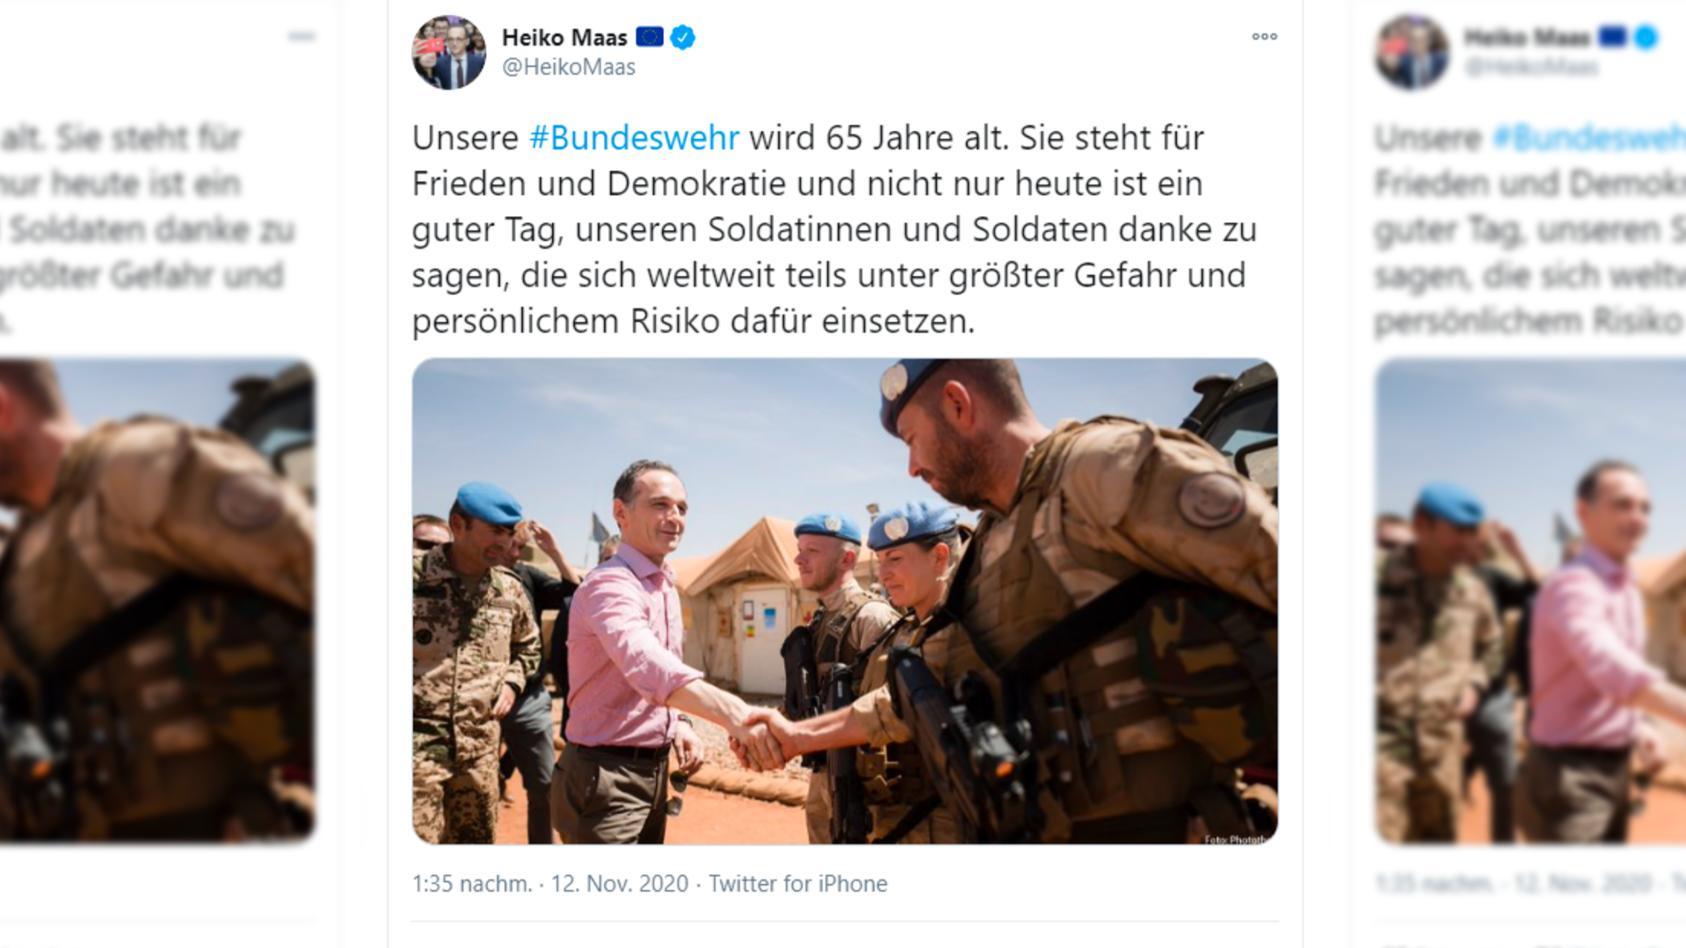 Der Post von Heiko Maas wurde mittlerweile gelöscht